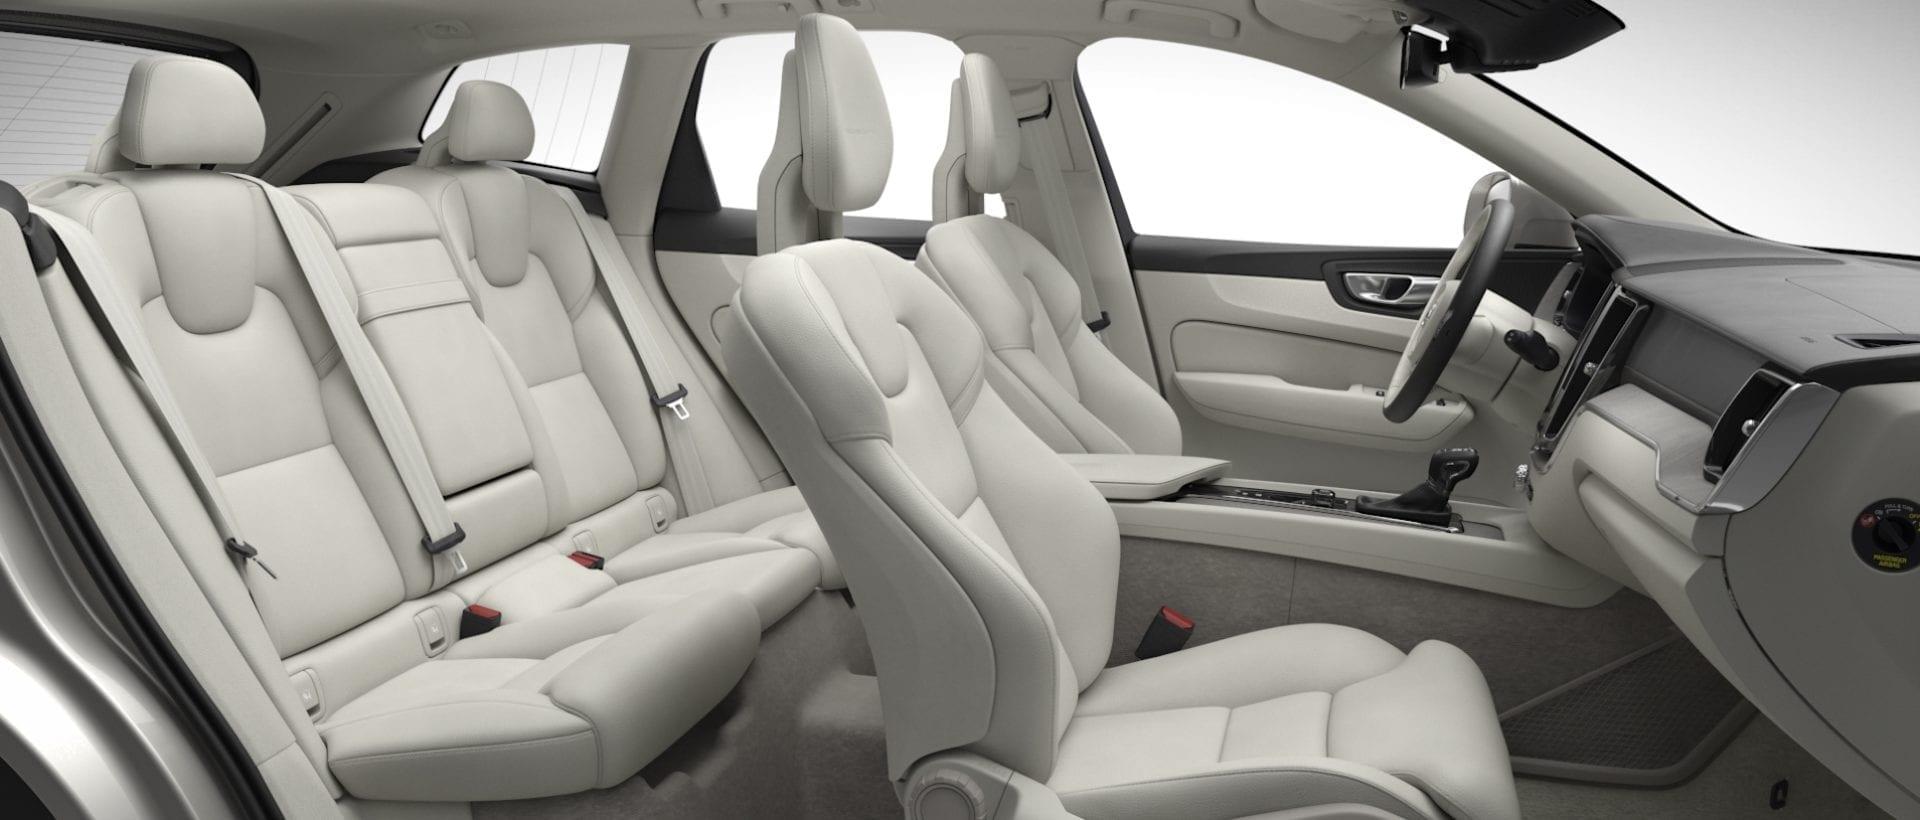 Volvo ХС60  фото интерьера 11